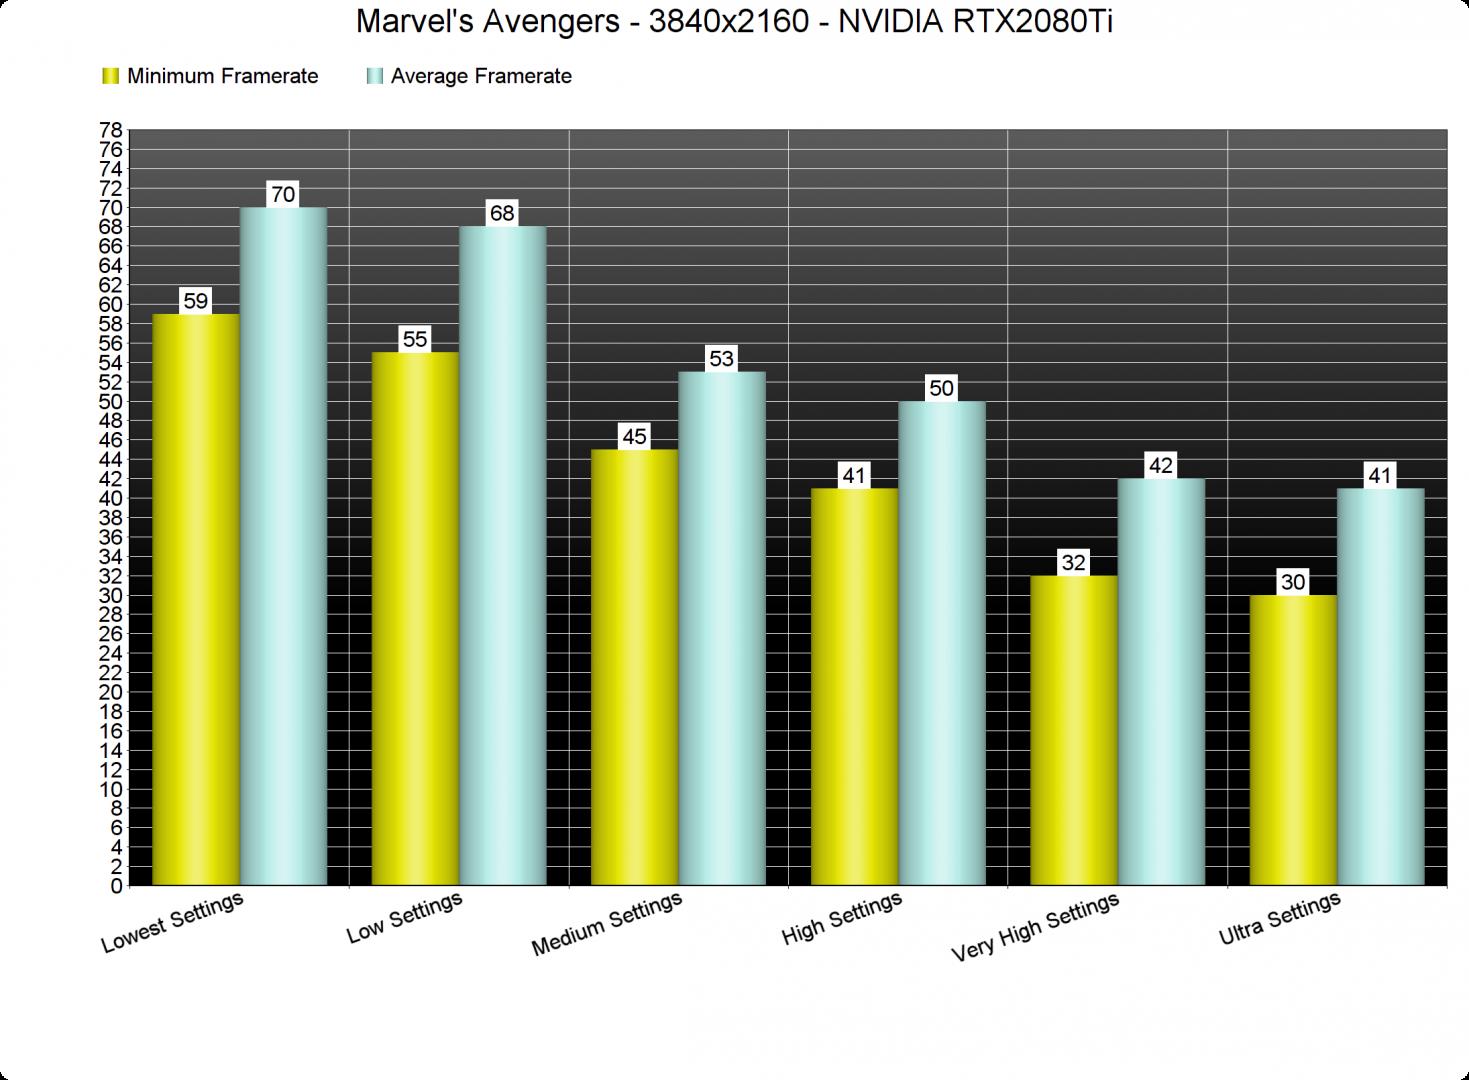 Marvel's Avengers settings benchmarks